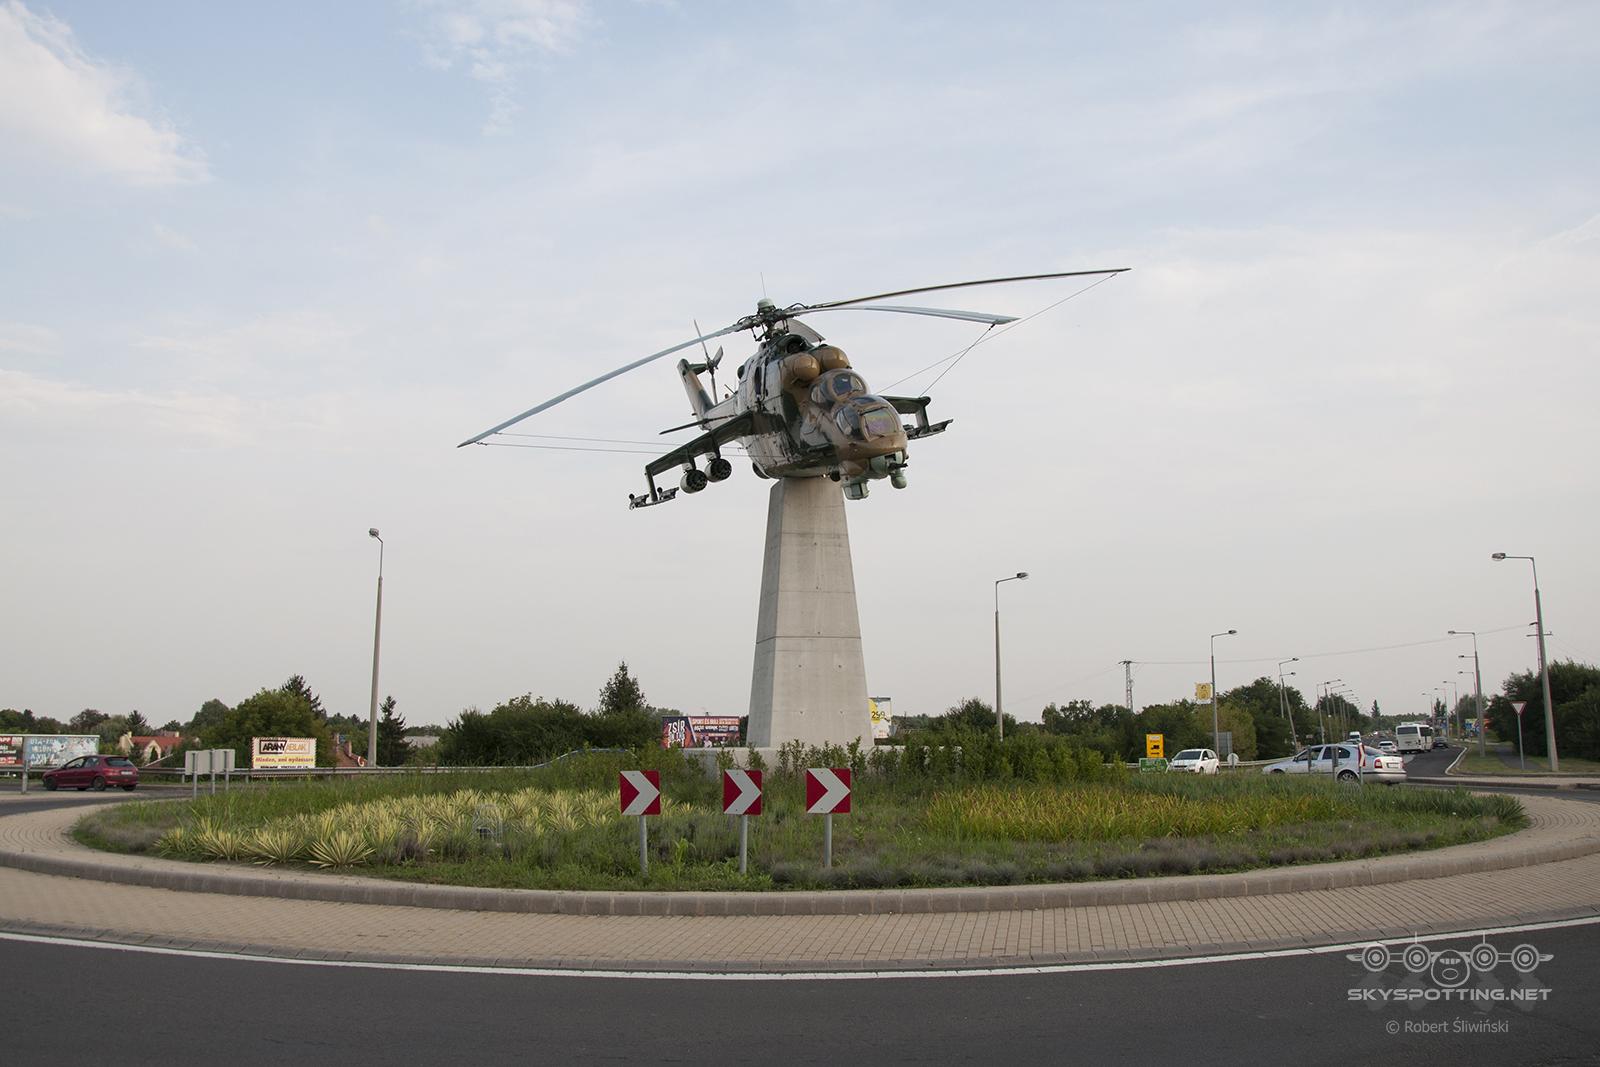 Śladami pomników lotniczych, część 50 – Mil Mi-24D Hind (Szolnok, Węgry)